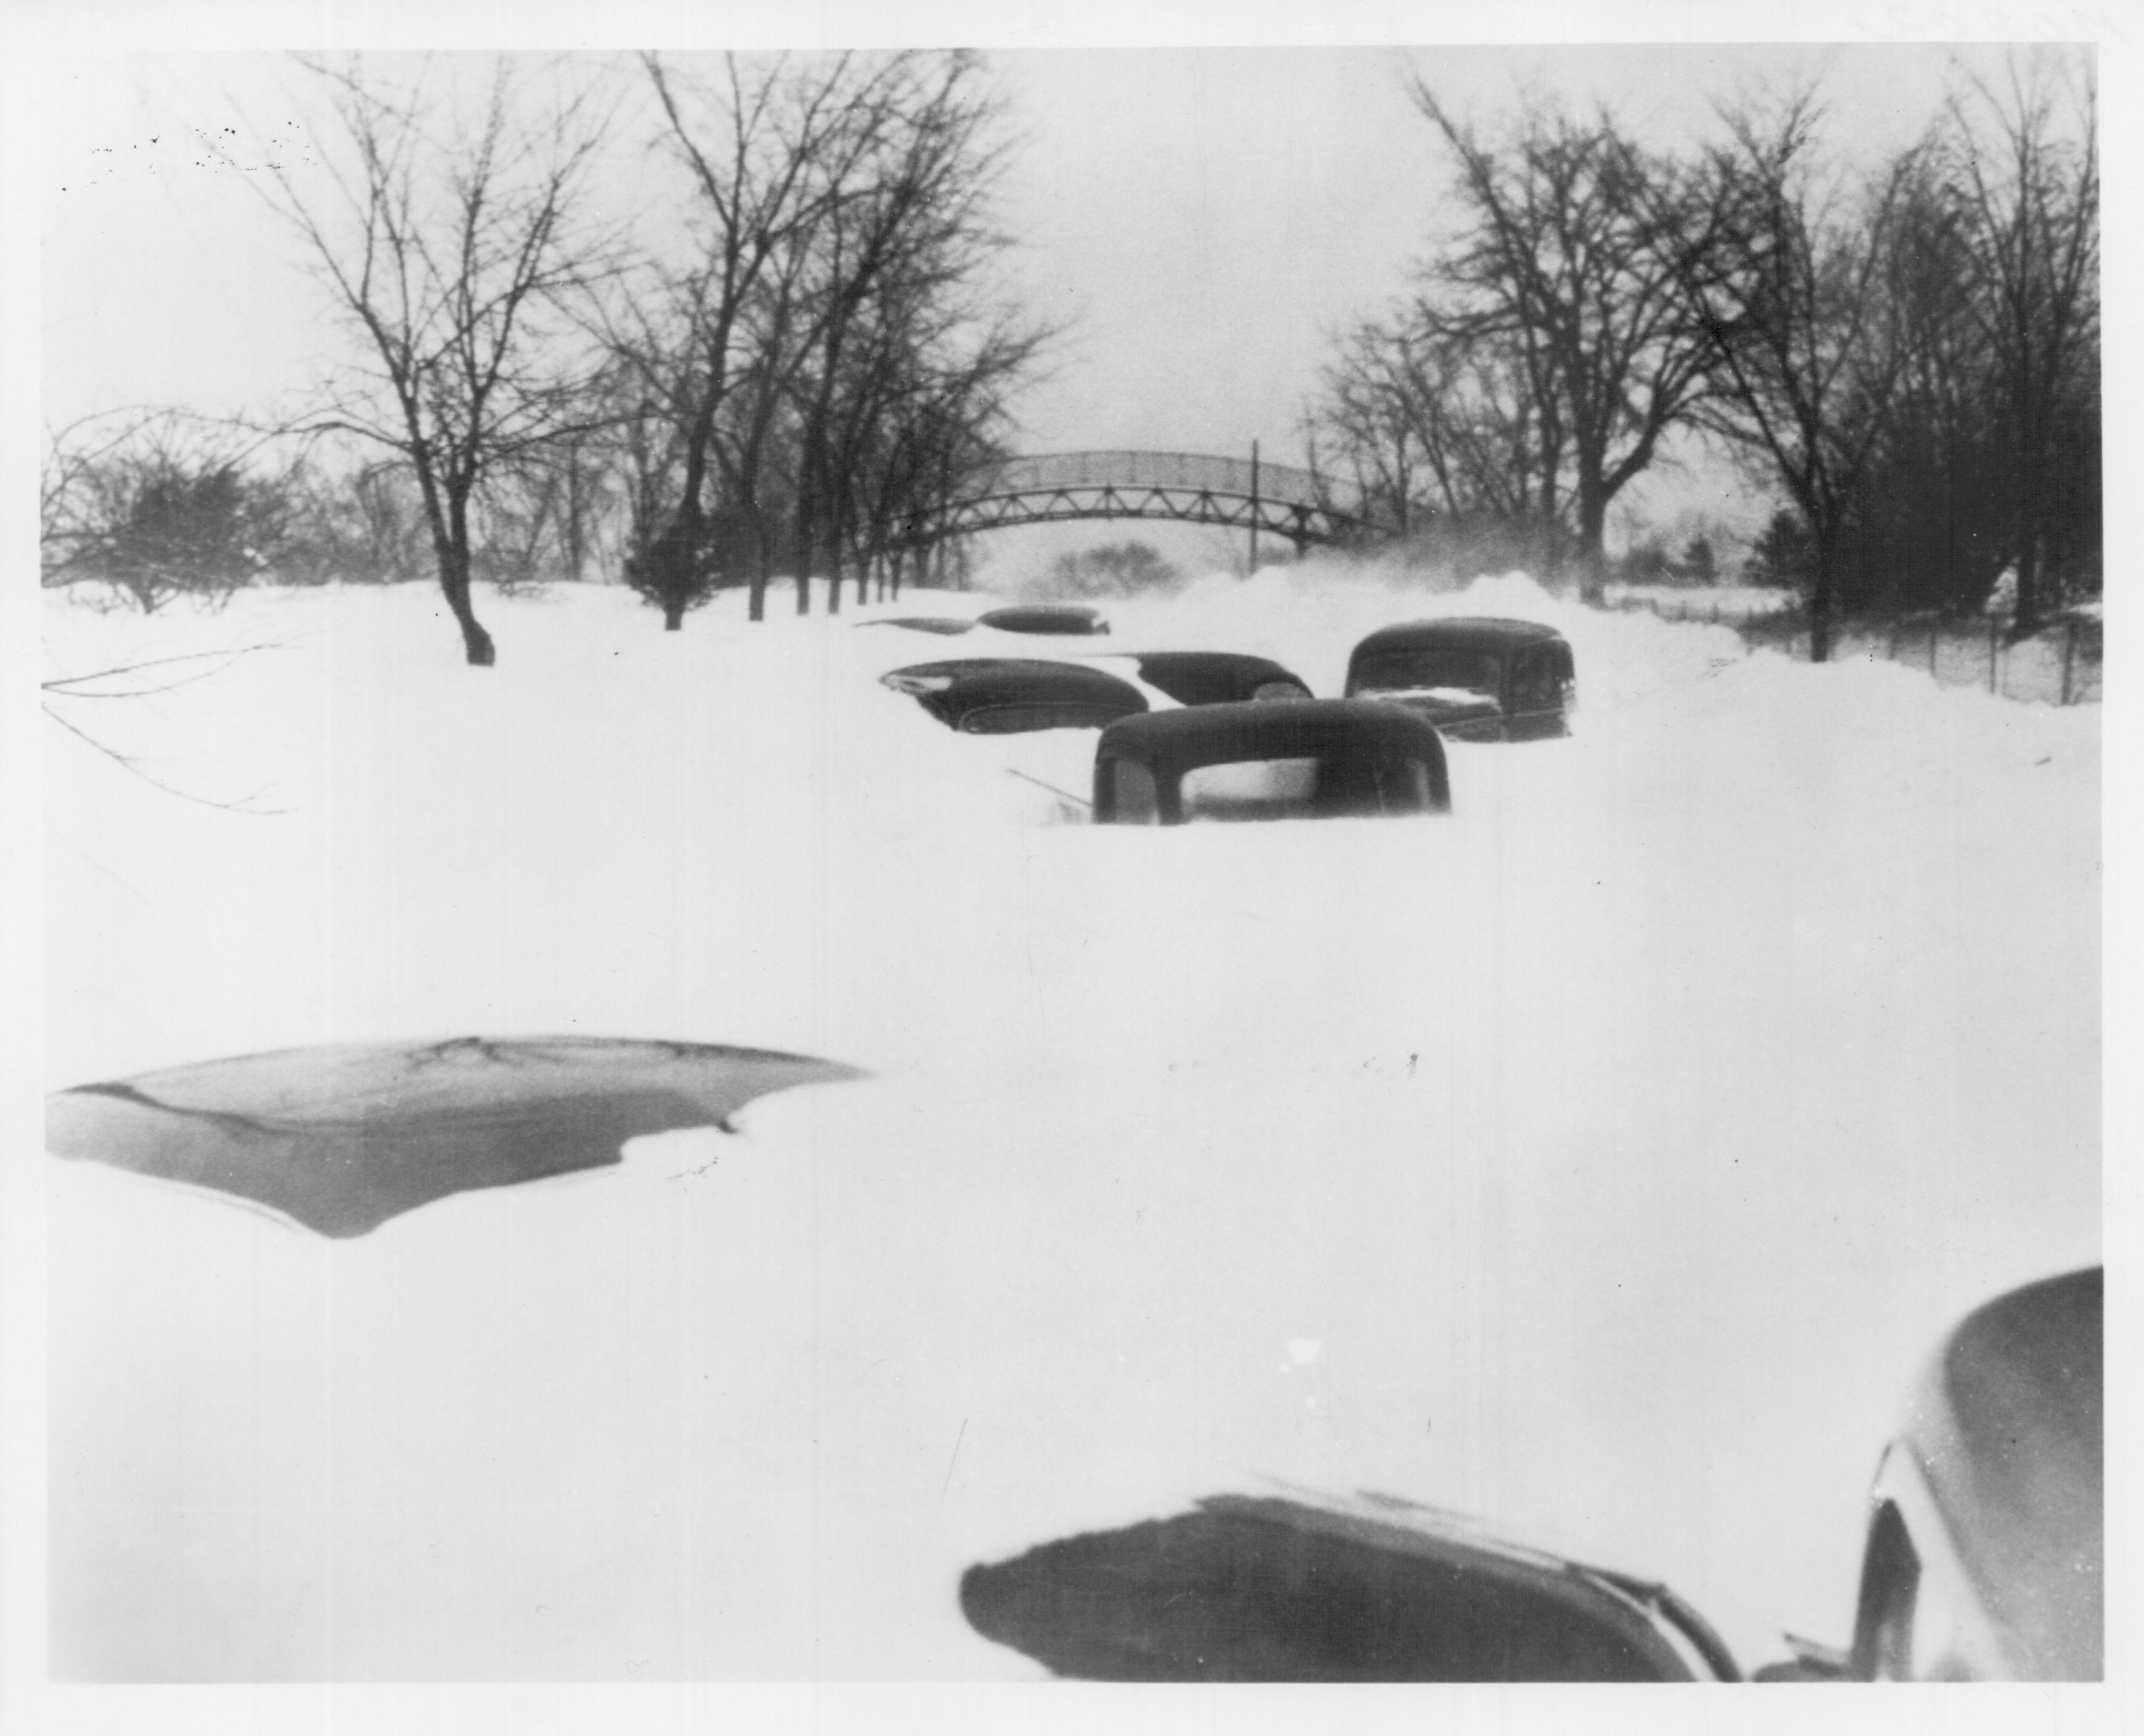 smaller version, armistice day blizzard, 1940, hclib